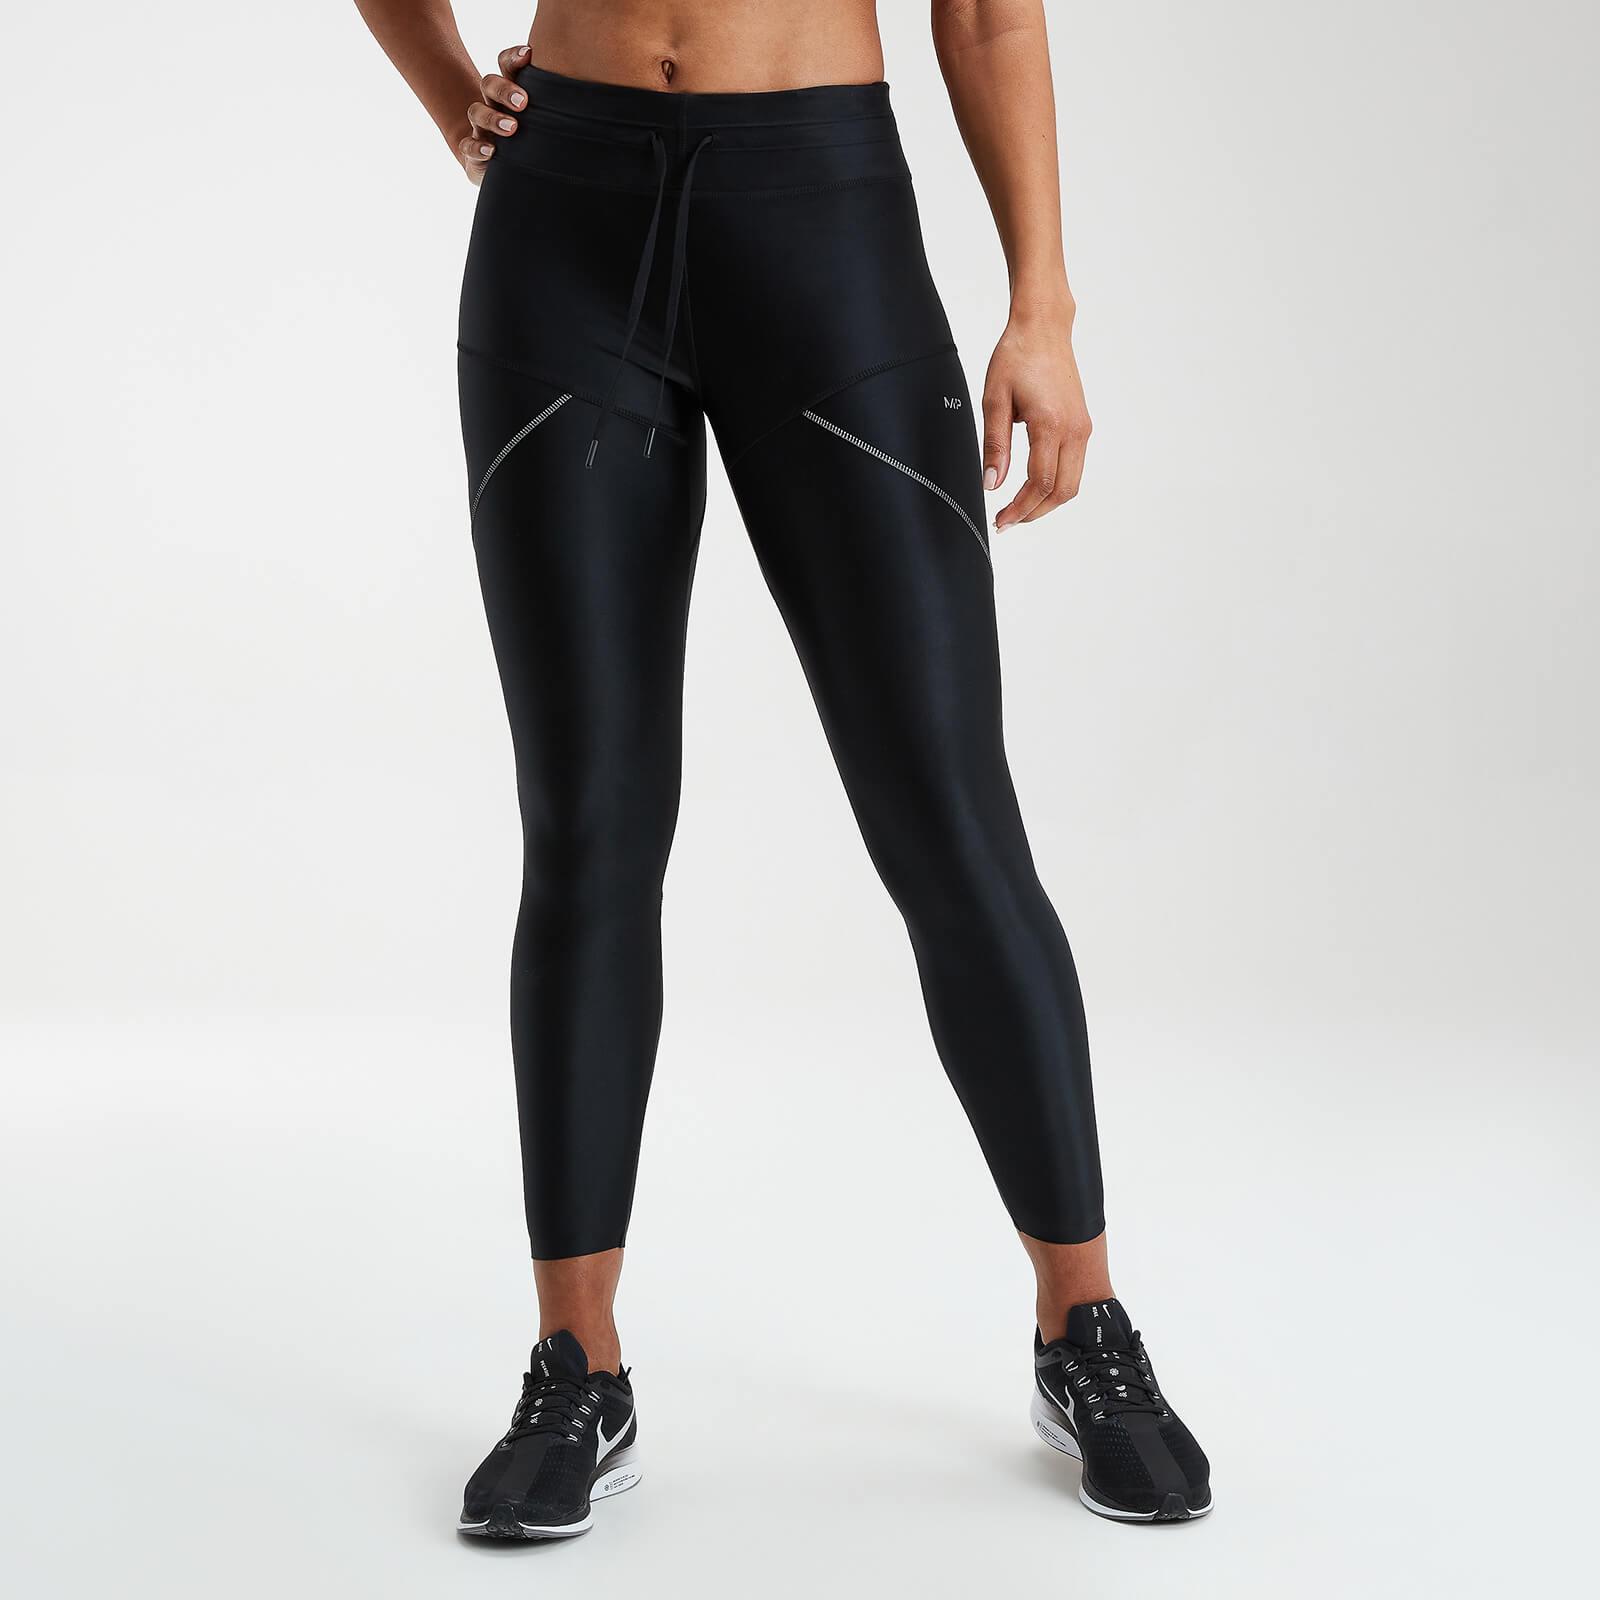 Legging MP Velocity pour femmes–Noir - XS